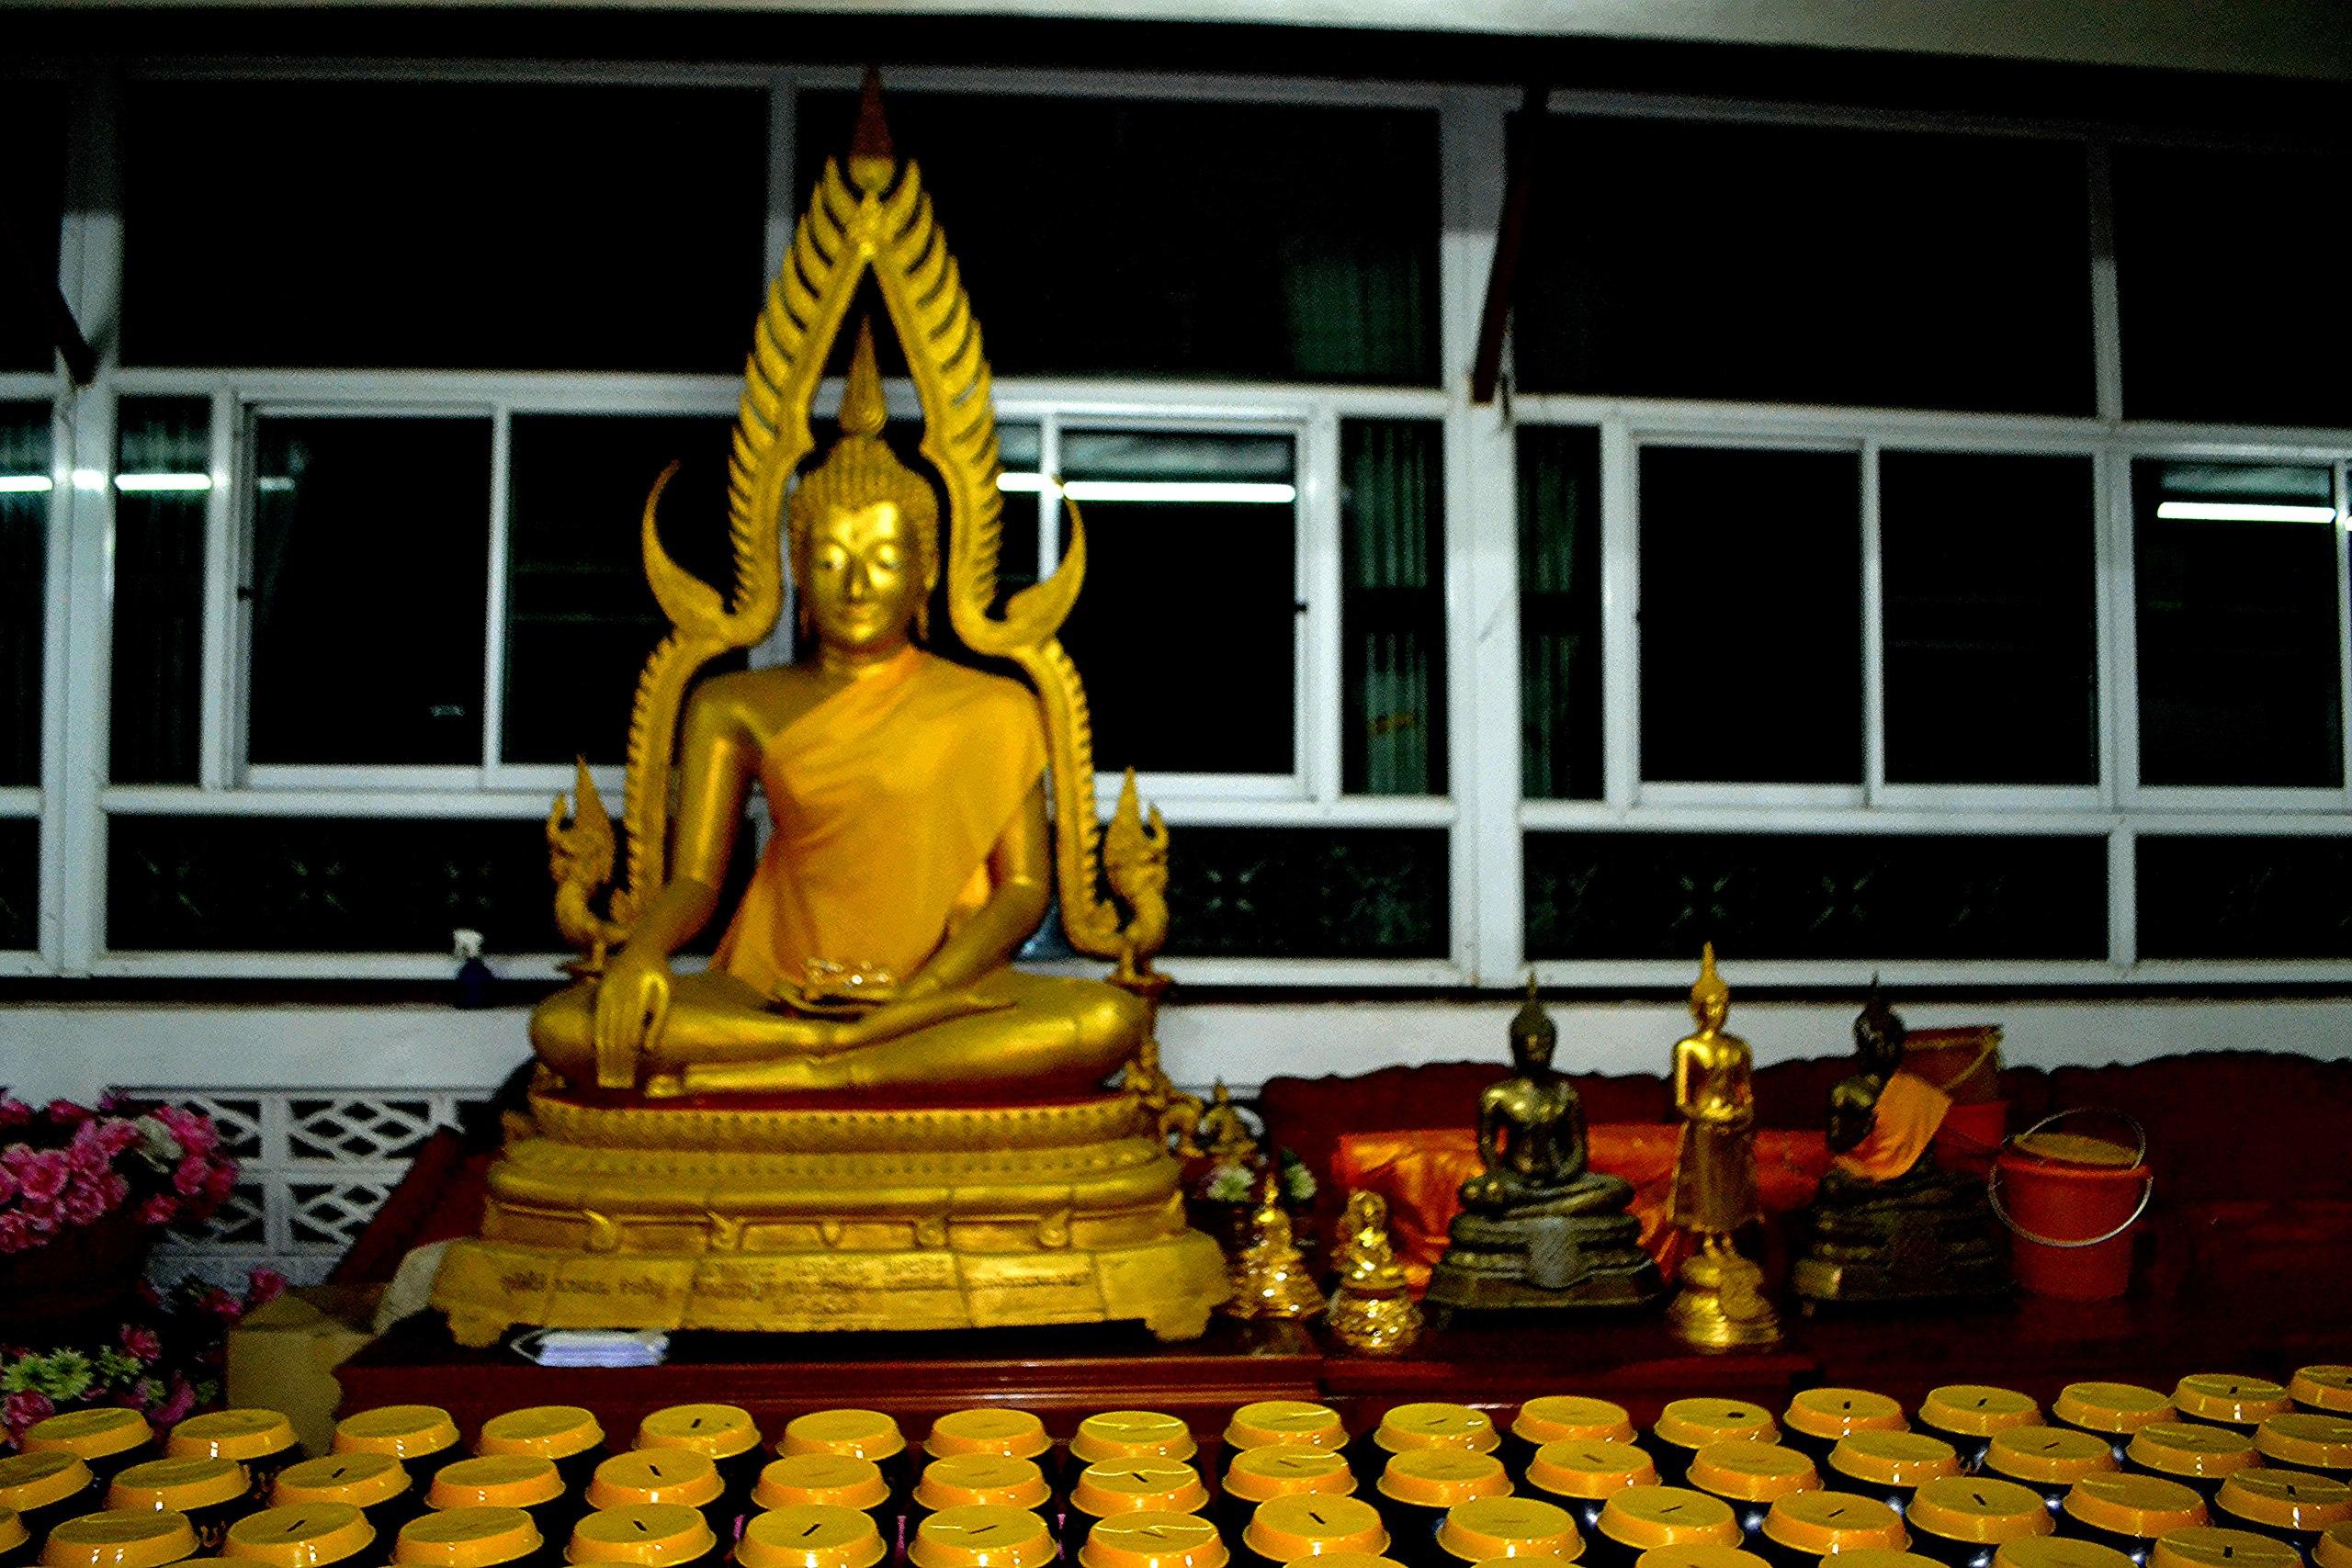 Елена Руденко (Валтея). Таиланд. Таиланд. Paтчaбуpи: Пещера страха, Пещера мышей, Буддийский храм - Страница 2 YU3MTtYDBOY